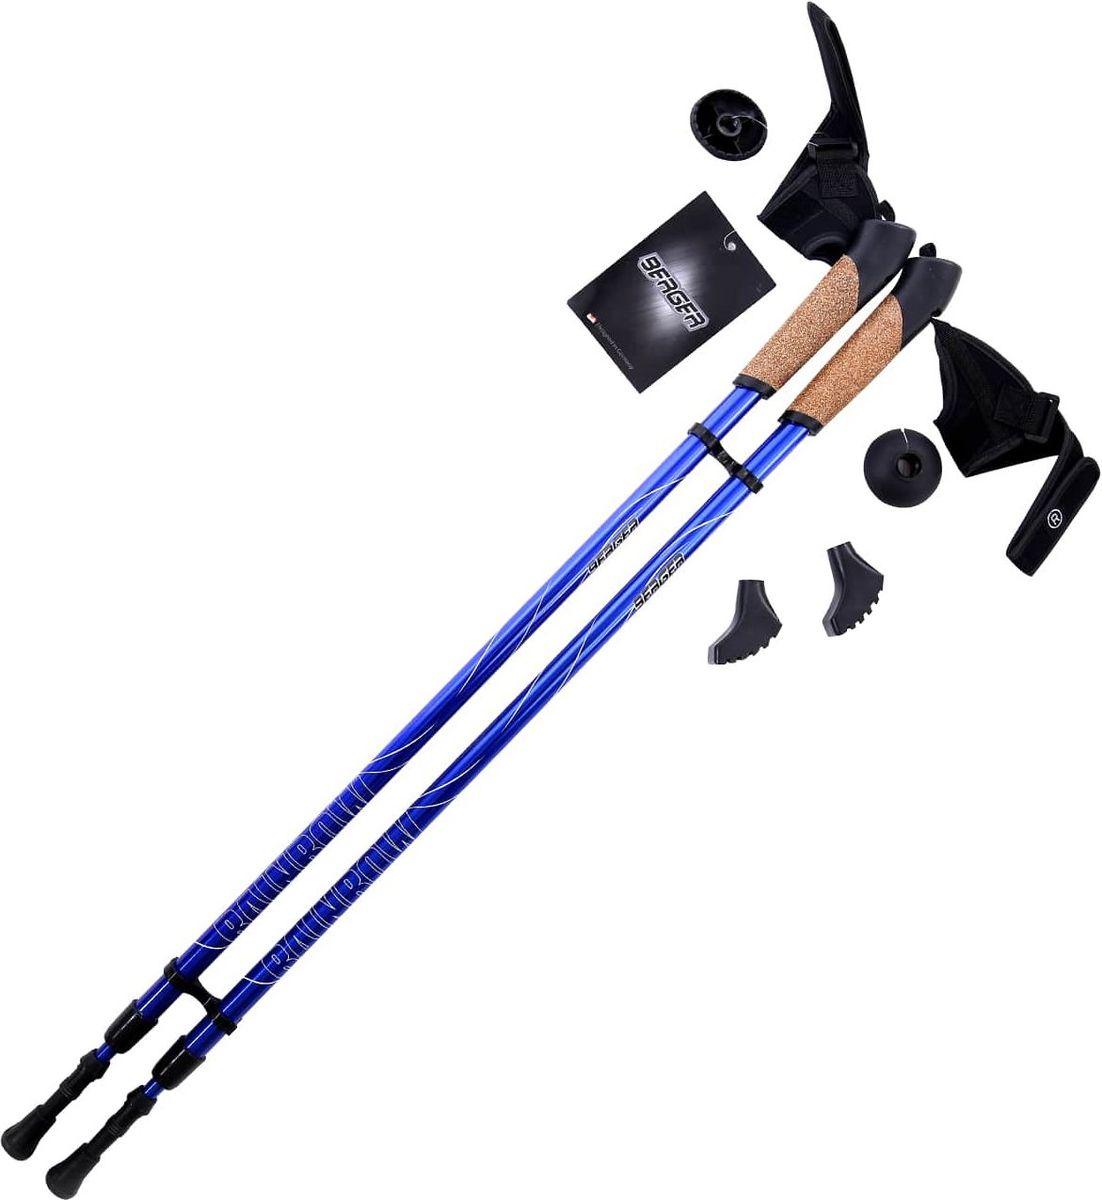 Палки для скандинавской ходьбы Berger  Rainbow , двухсекционные, цвет: синий, 86-140 см, 2 шт - Скандинавская ходьба